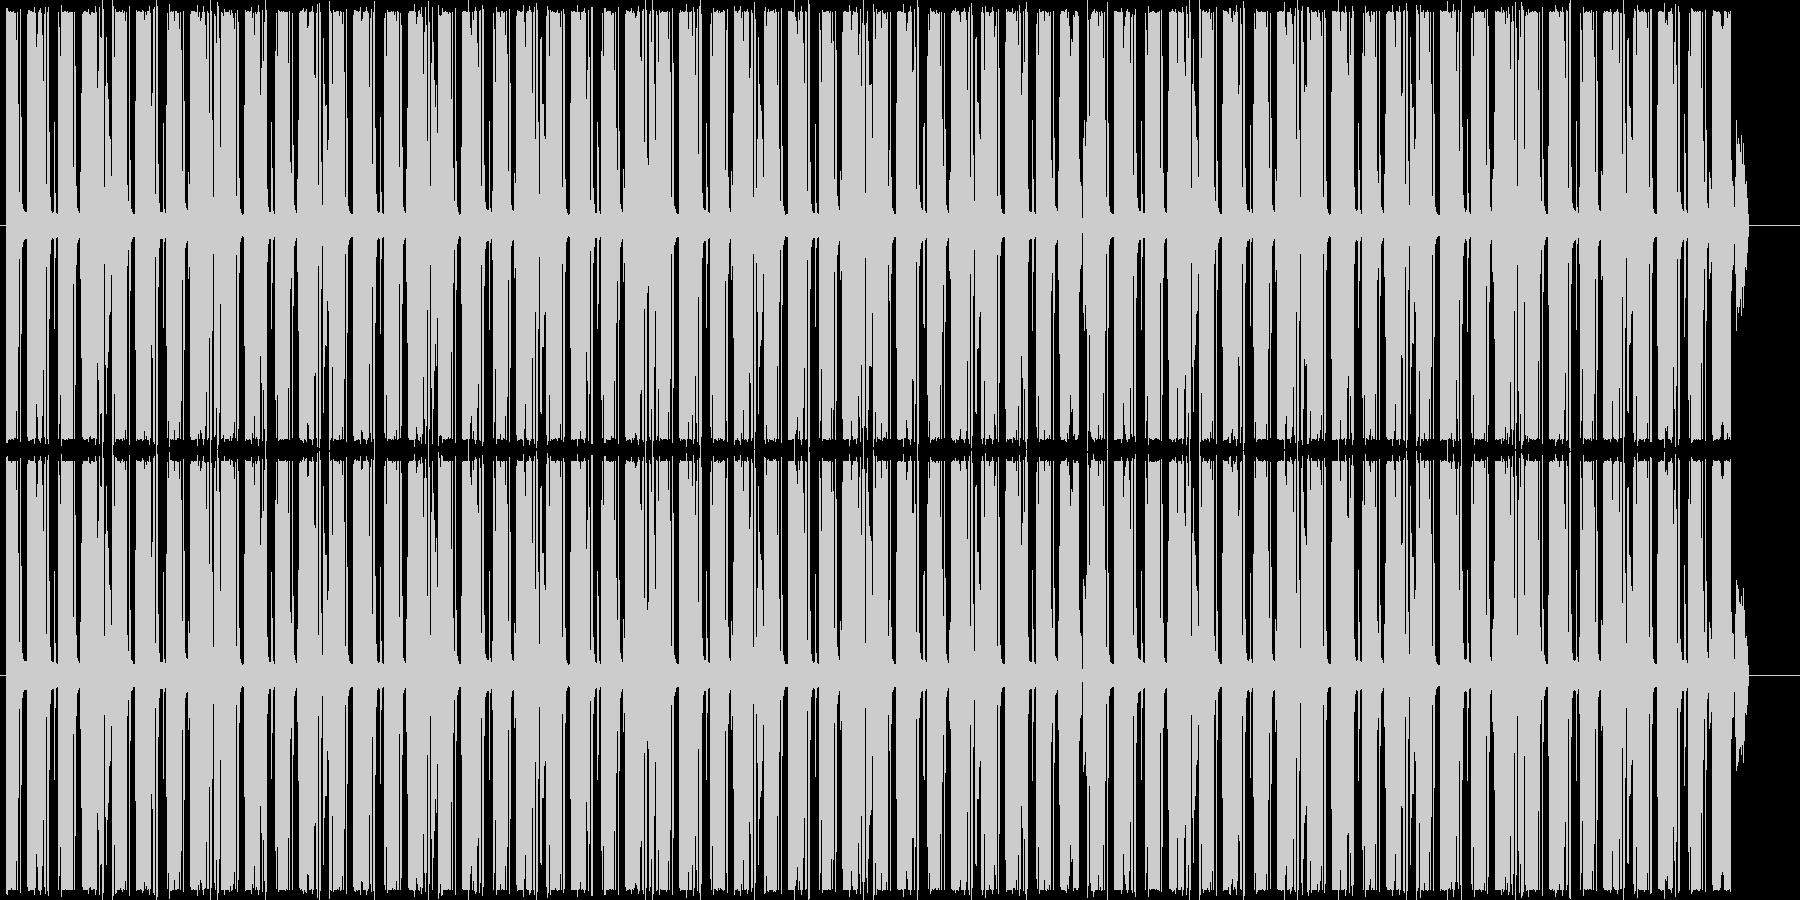 シンキングタイムなど 怪しいループBGMの未再生の波形